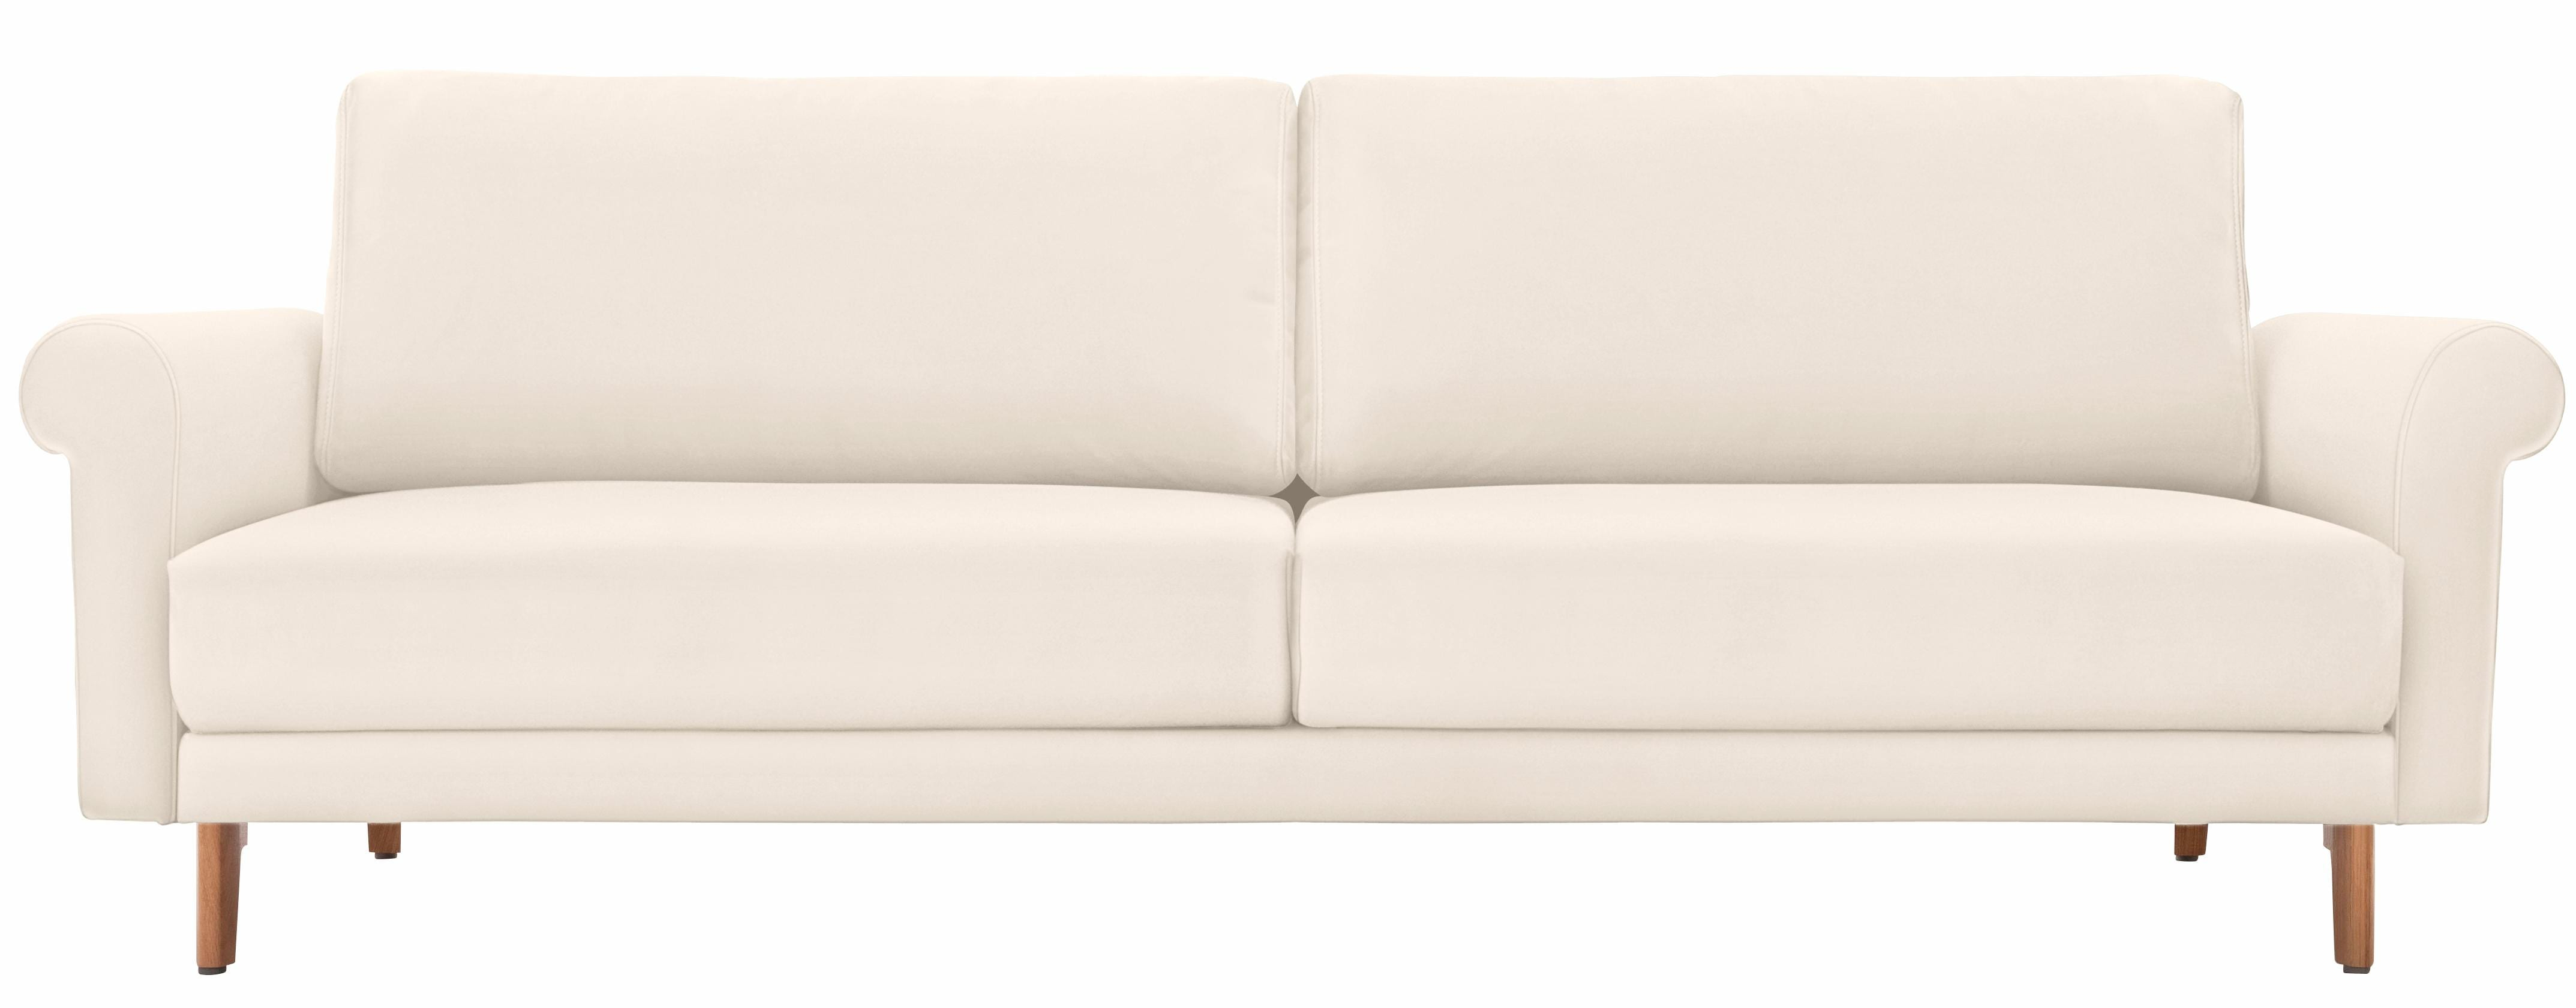 hülsta sofa 3-Sitzer Sofa »hs.450« wahlweise in Stoff oder Leder, im modernen Landhausstil | Wohnzimmer > Sofas & Couches | Leder - Chenille - Polyester - Baumwolle | HÜLSTA SOFA